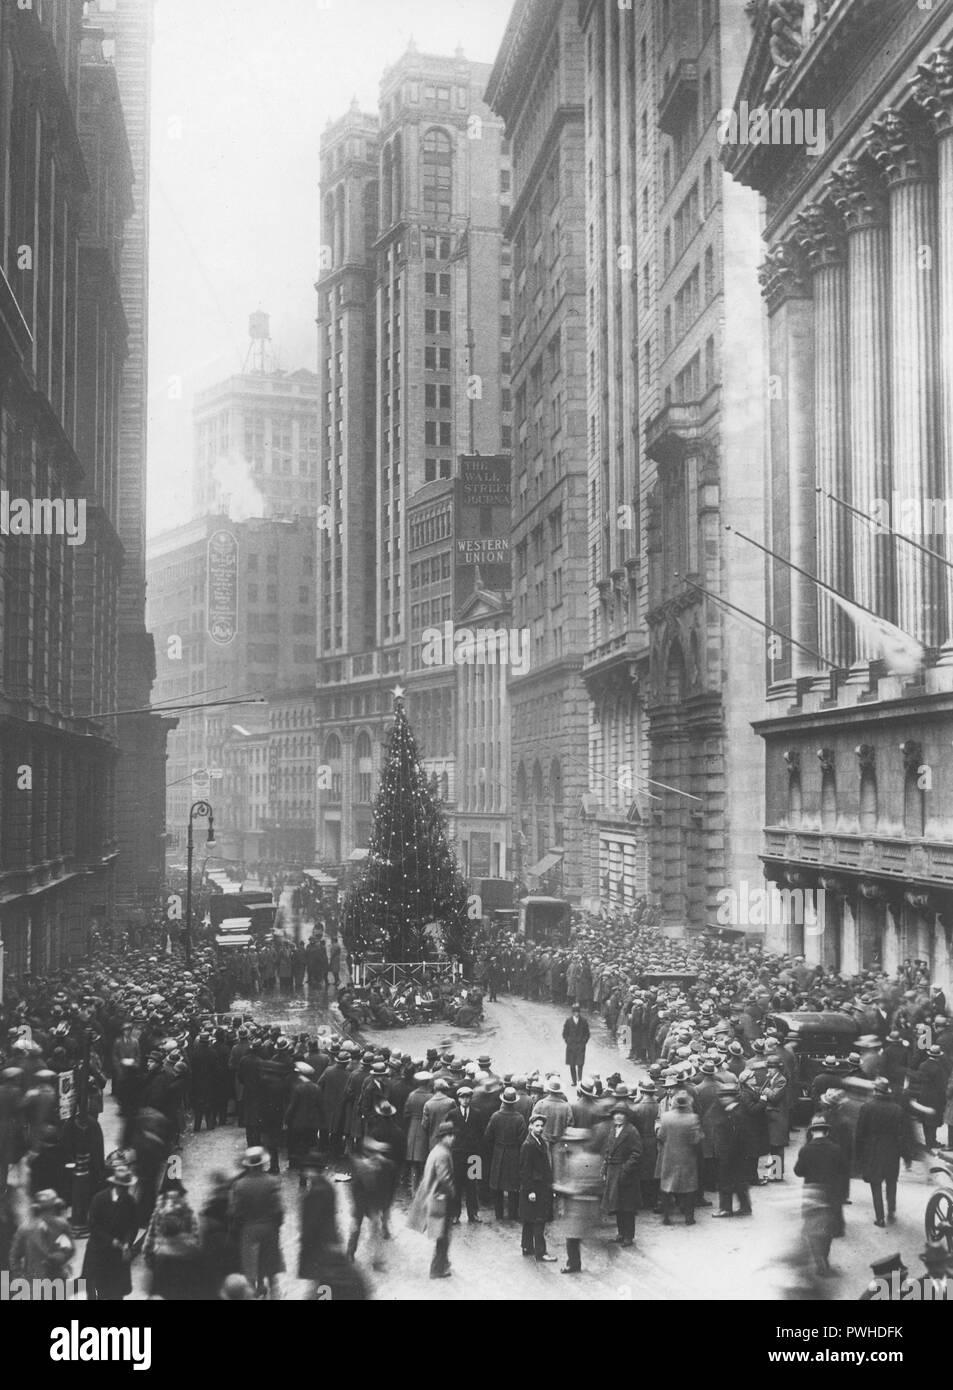 Wo Steht In New York Der Weihnachtsbaum.Weihnachten In Den 1920er Jahren Einen Grossen Weihnachtsbaum Steht